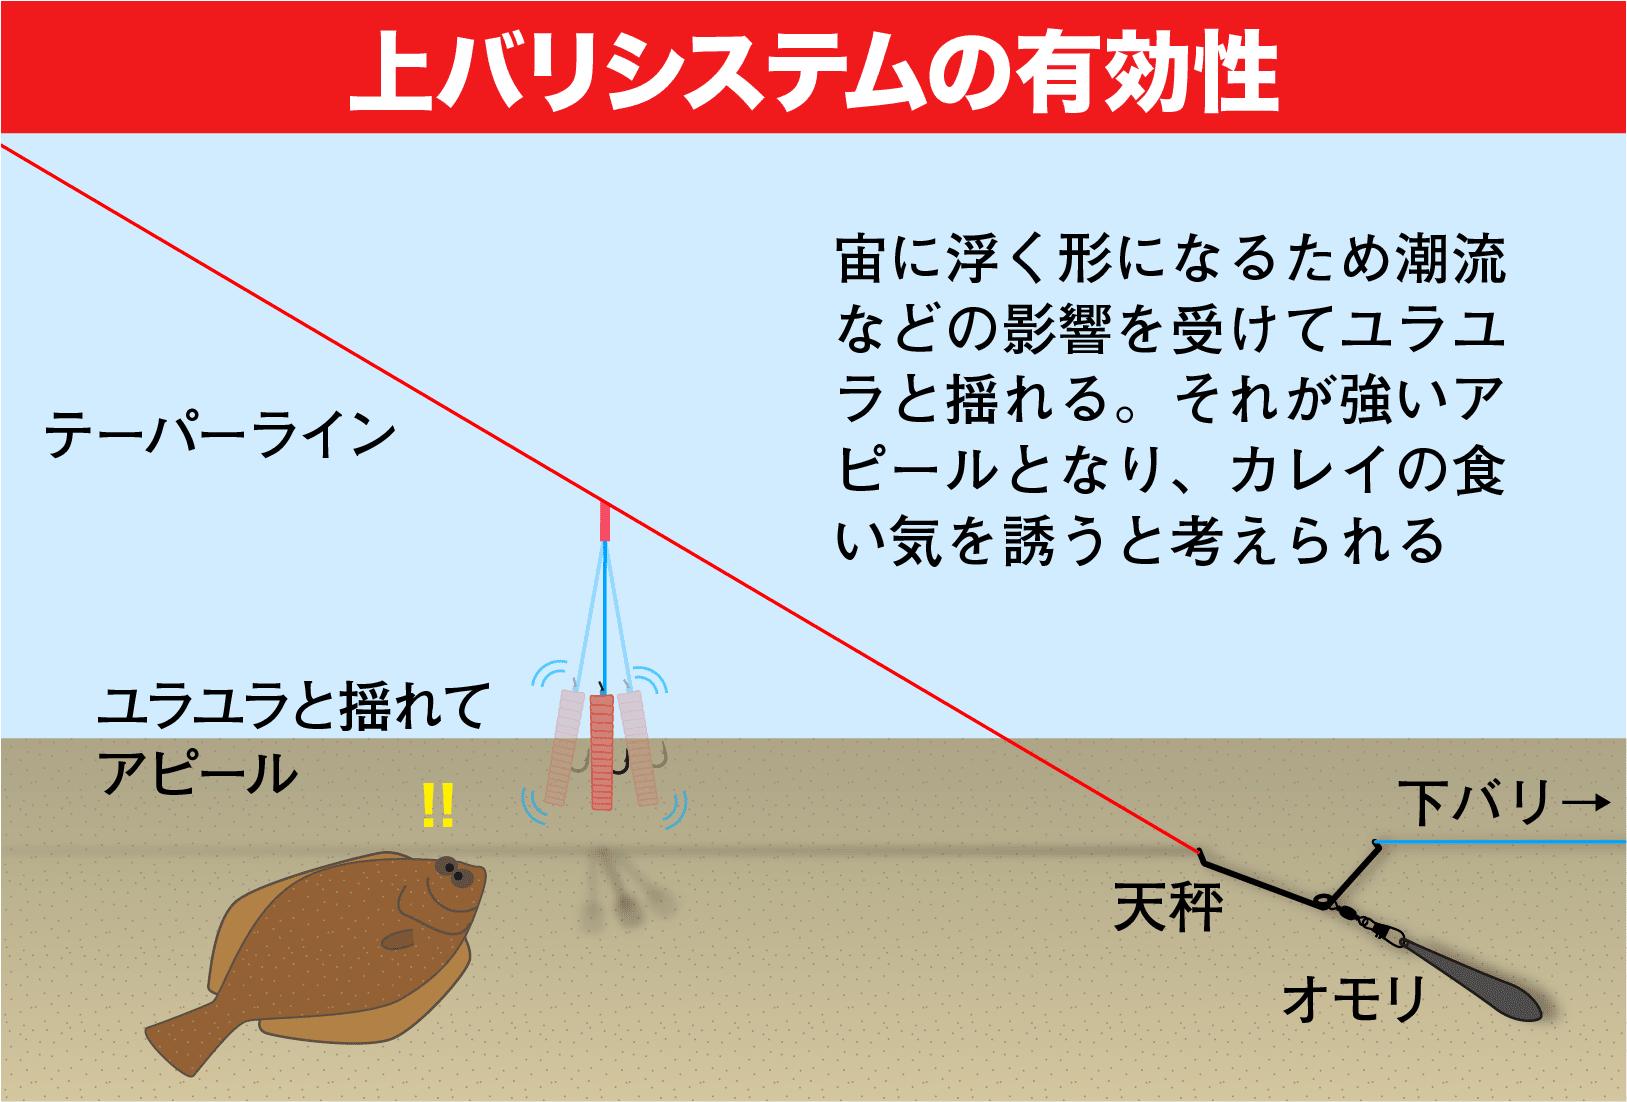 矢野勝彦のカレイ戦略55